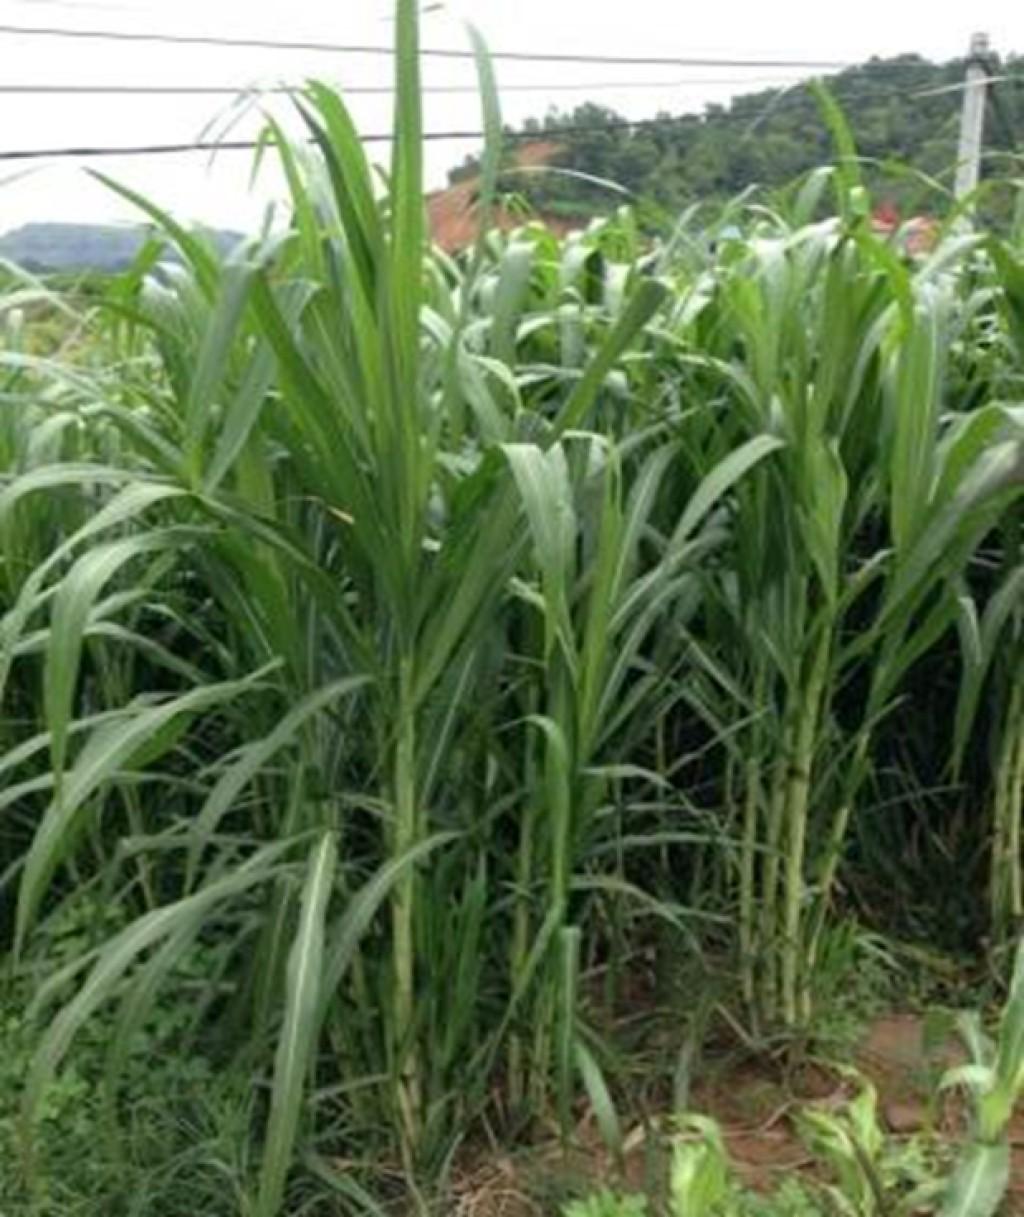 Gras VA06, eine vietnamesische Züchtung, auf dem Standort Nui Phao vier Monate nach der Pflanzung. Bild: UfU